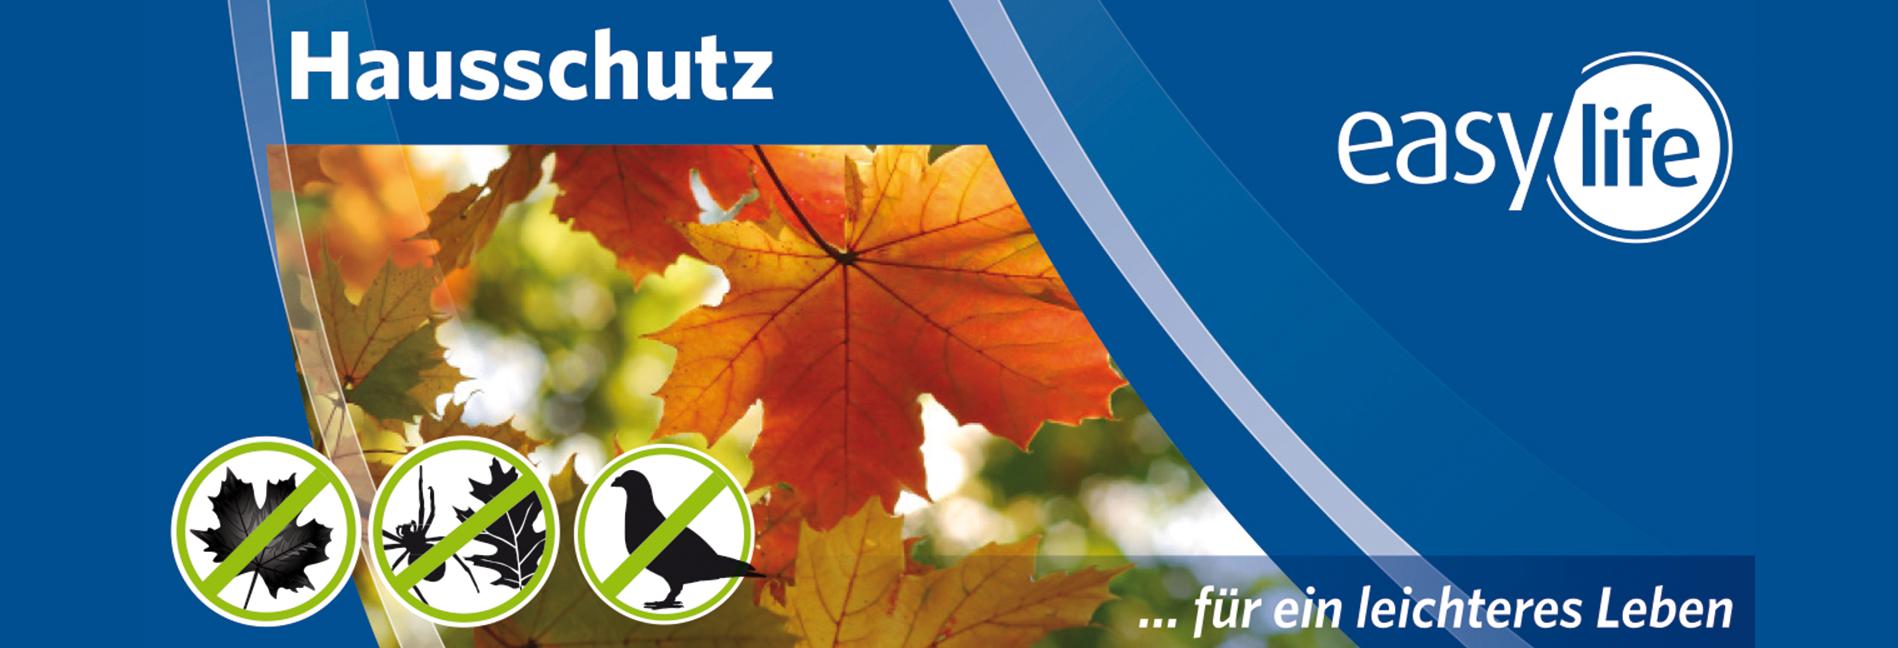 hausschutz11